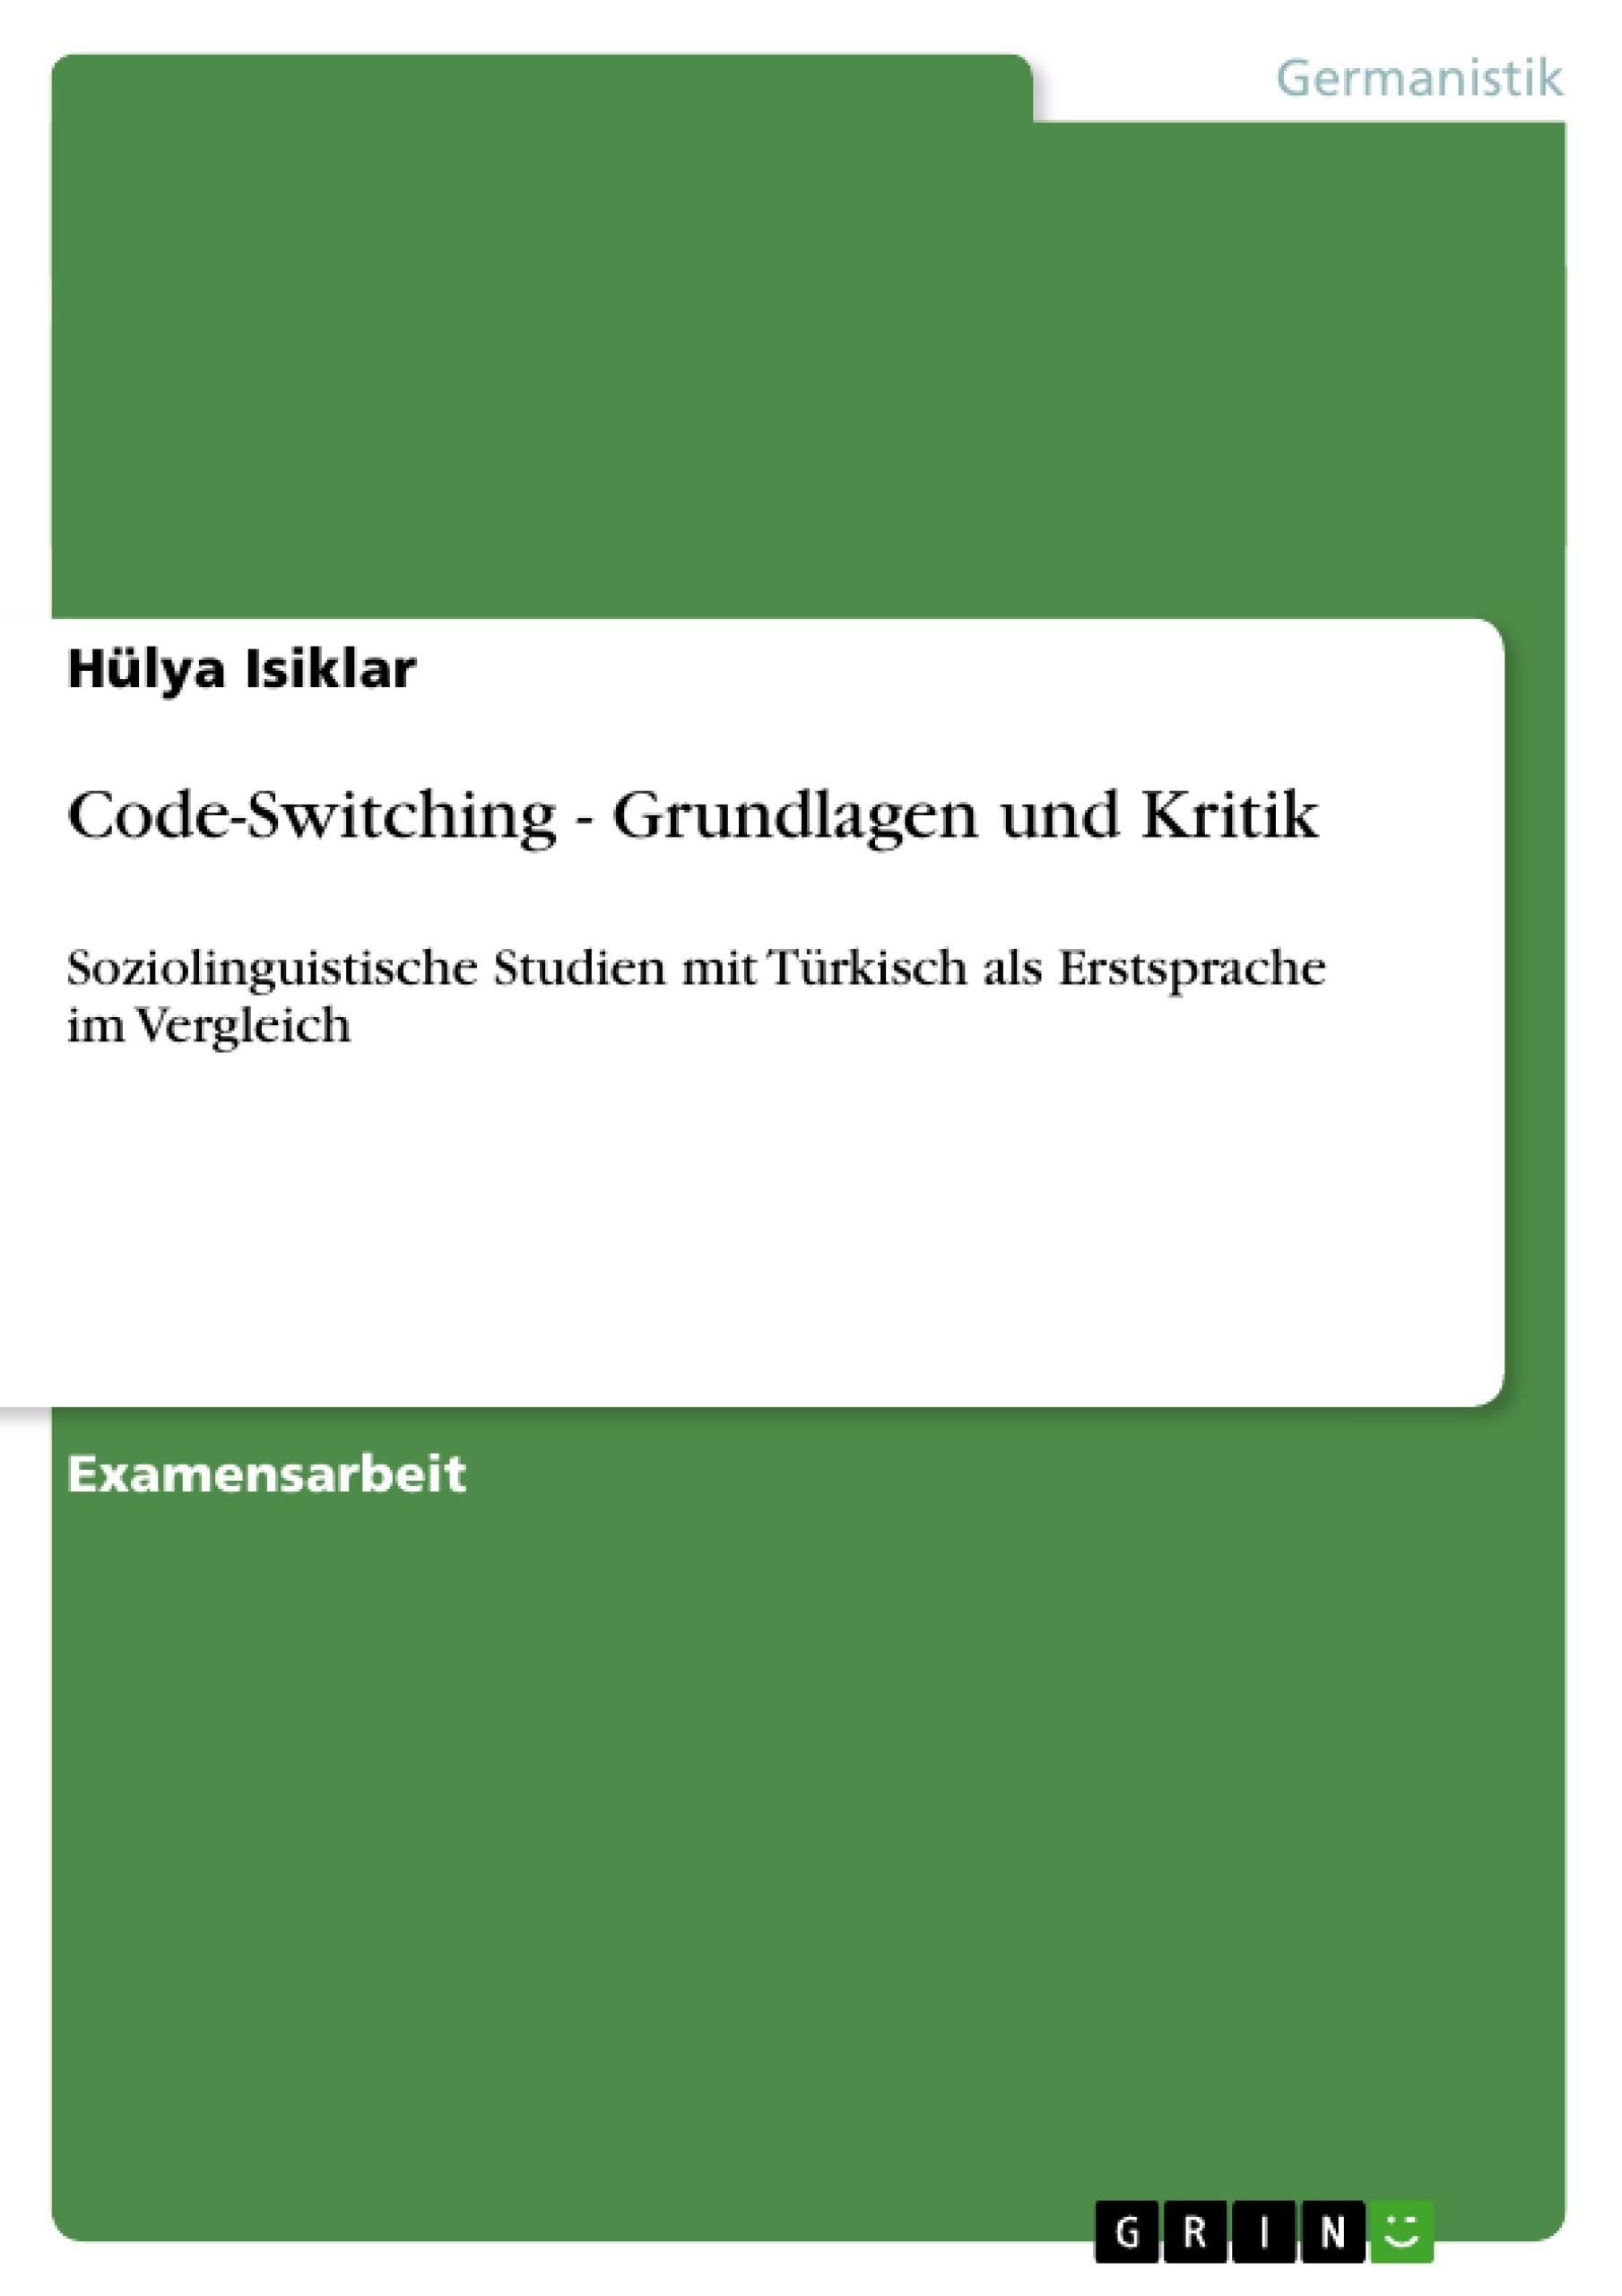 Titel: Code-Switching - Grundlagen und Kritik